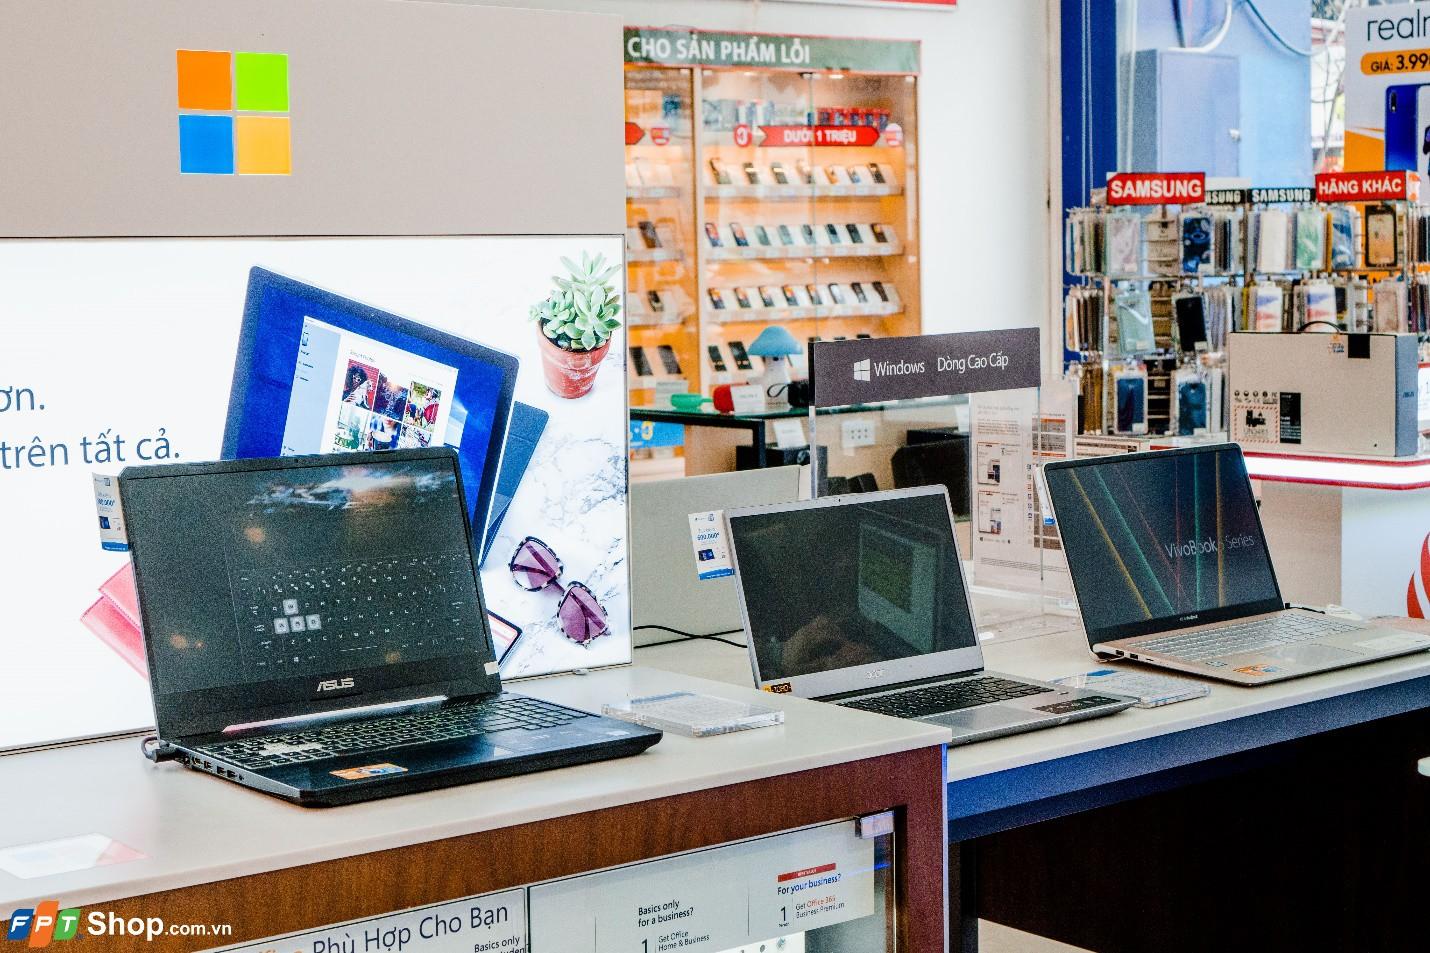 Ghé FPT Shop sắm laptop hiện đại chỉ từ 13,49 triệu - Ảnh 2.